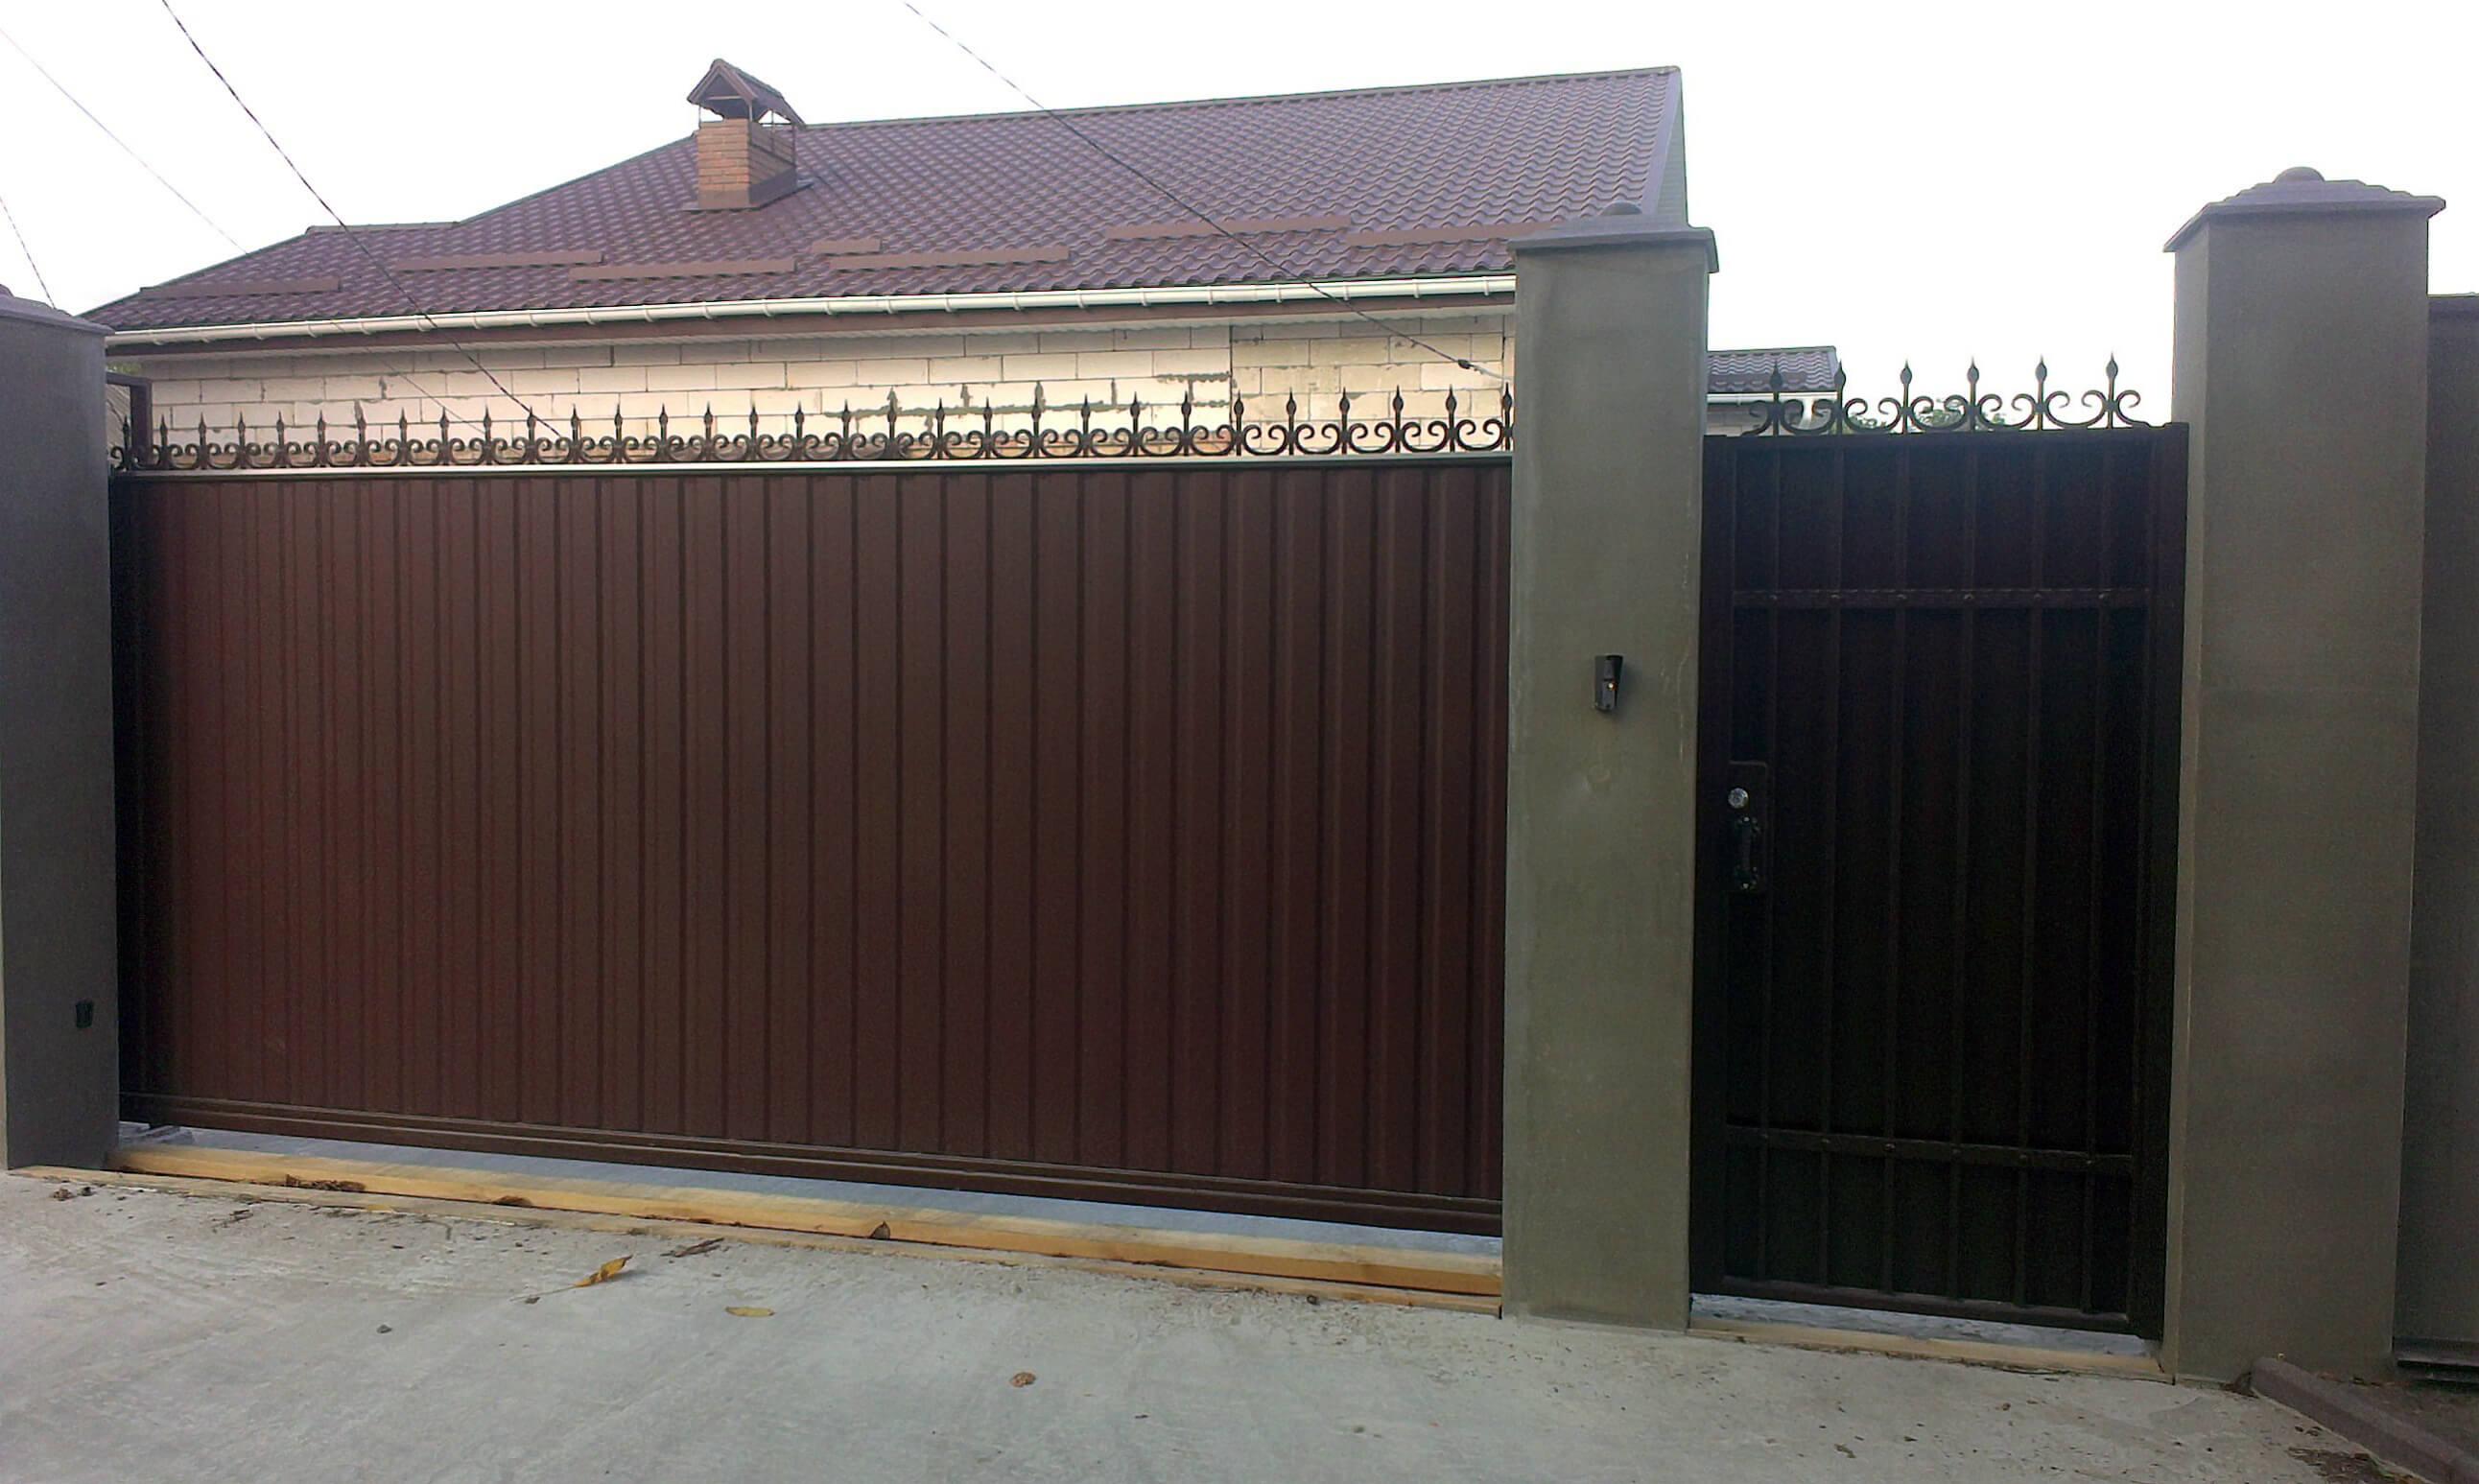 Автоматика на распашные ворота открывание наружу